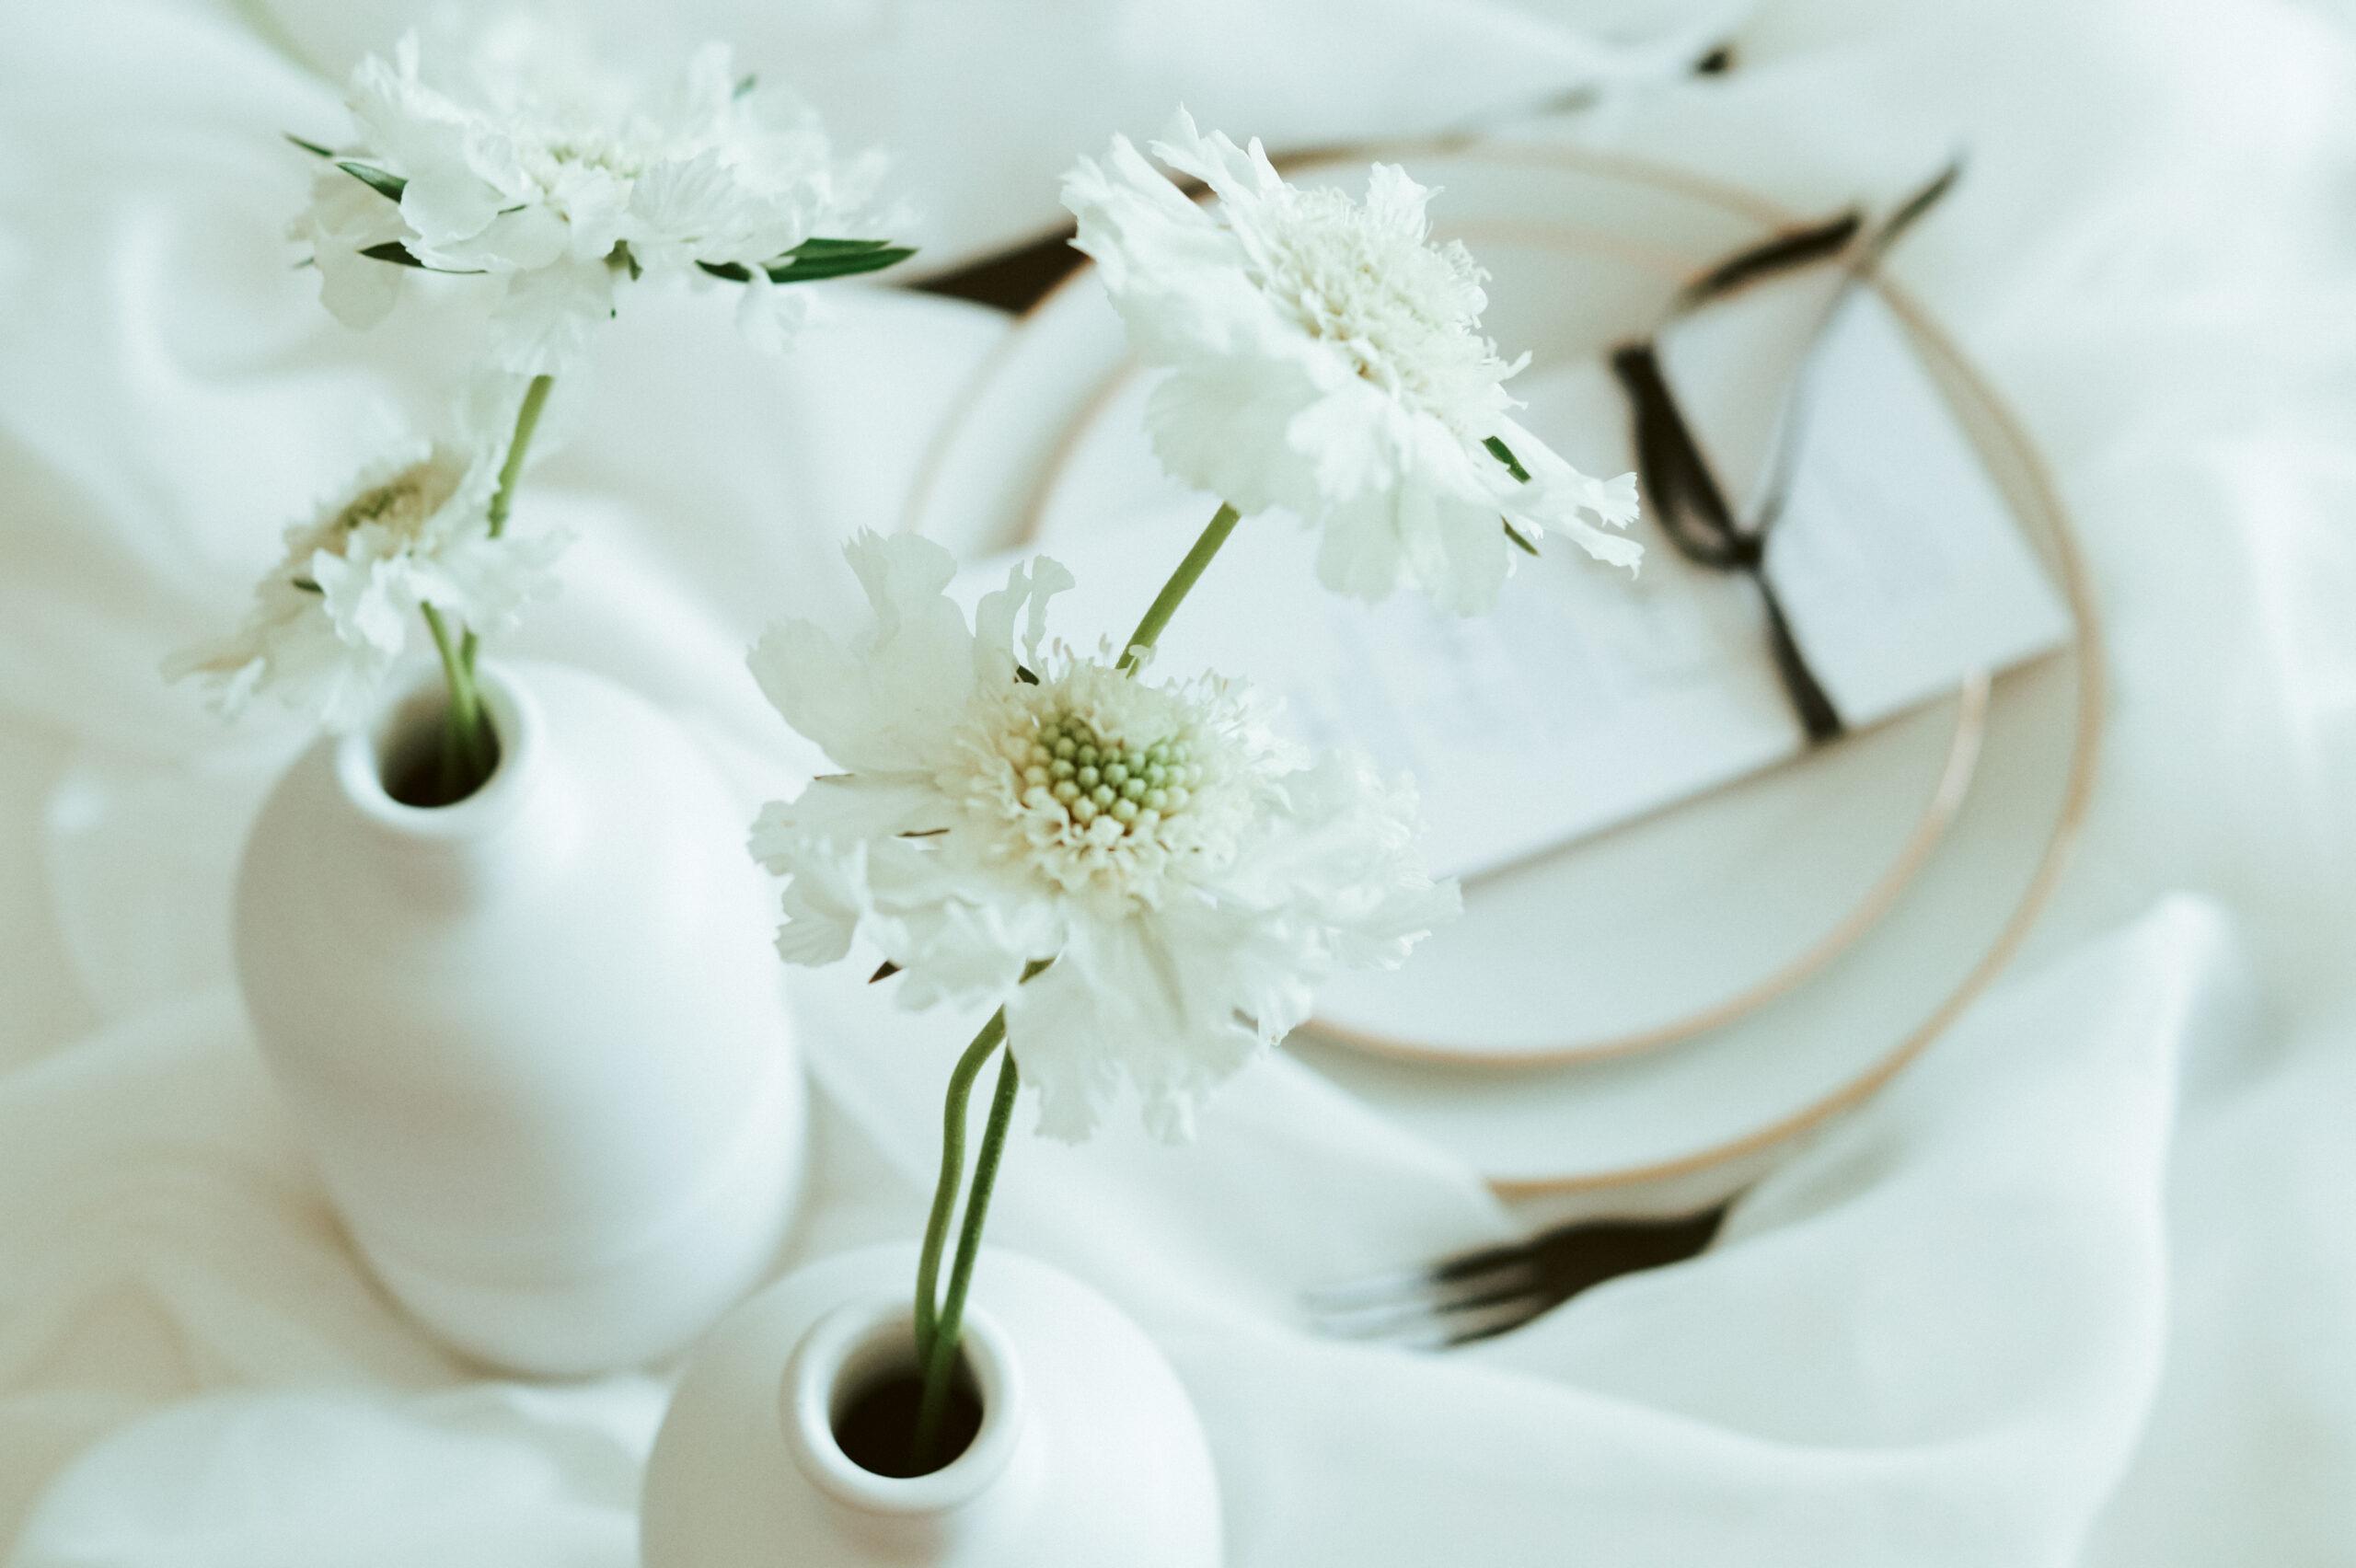 eine weiße Tischdecke, wölkenartig, dazu einzelne weiße Blumen in minimalistischer Form, runde Teller mit Goldrand und schwarzes Besteck. Ein Hochzeitskonzept im minimaoistischen Stil.